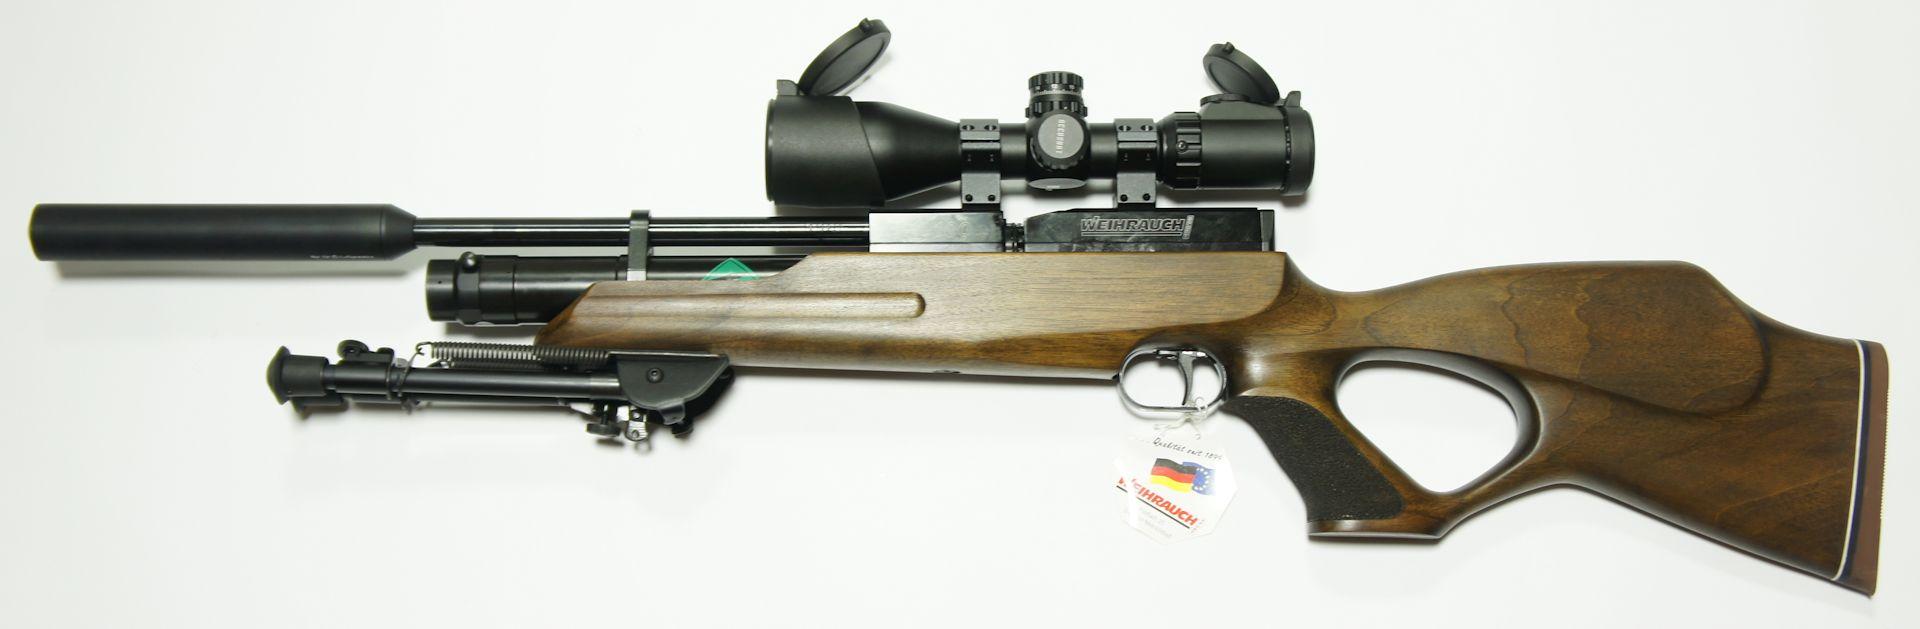 Weihrauch HW100 TK sd Pressluftgewehr mit Lochschaft, Zweibein und ZF